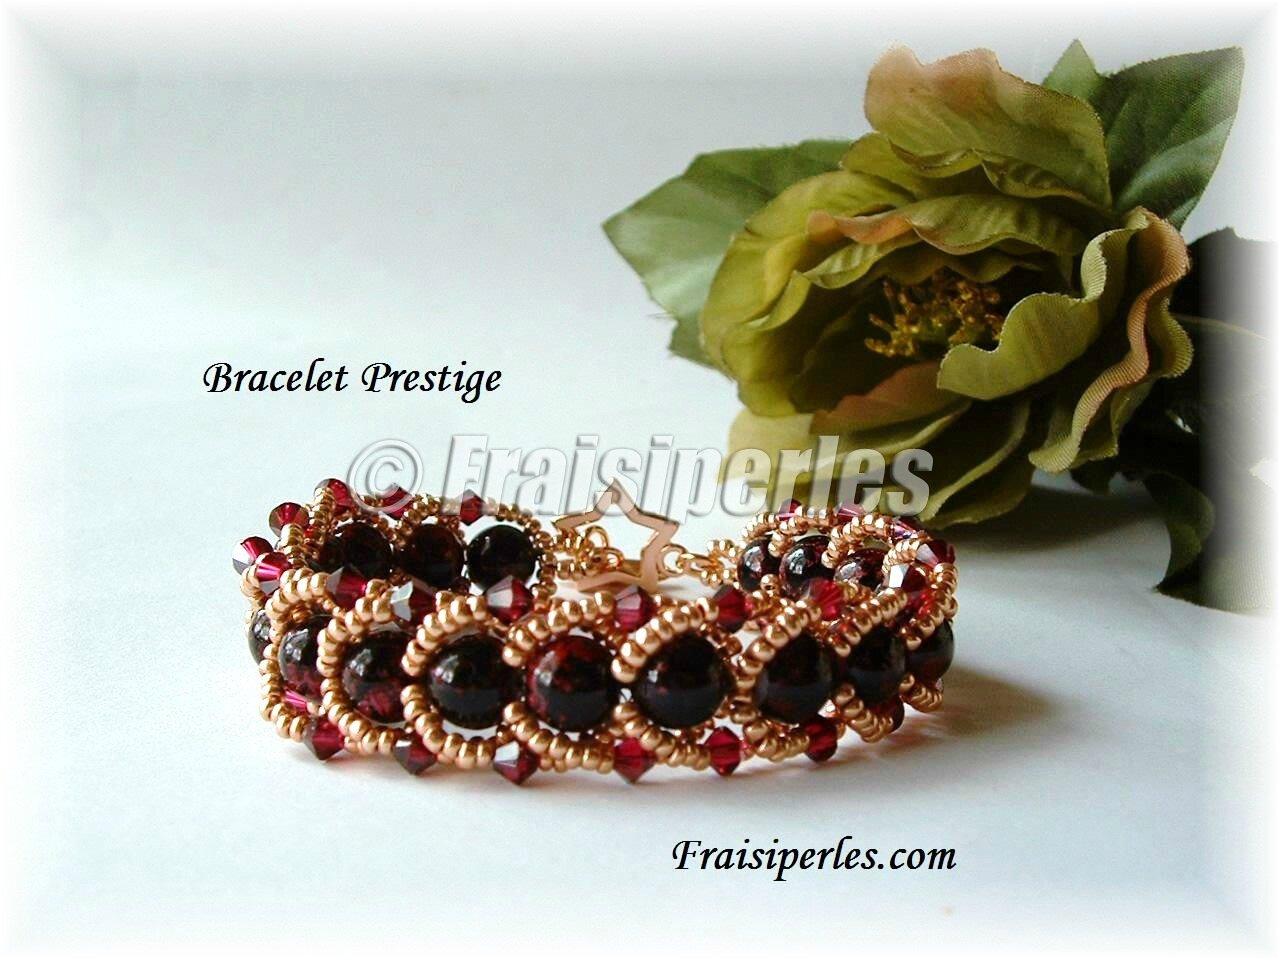 Bracelet Prestige copy